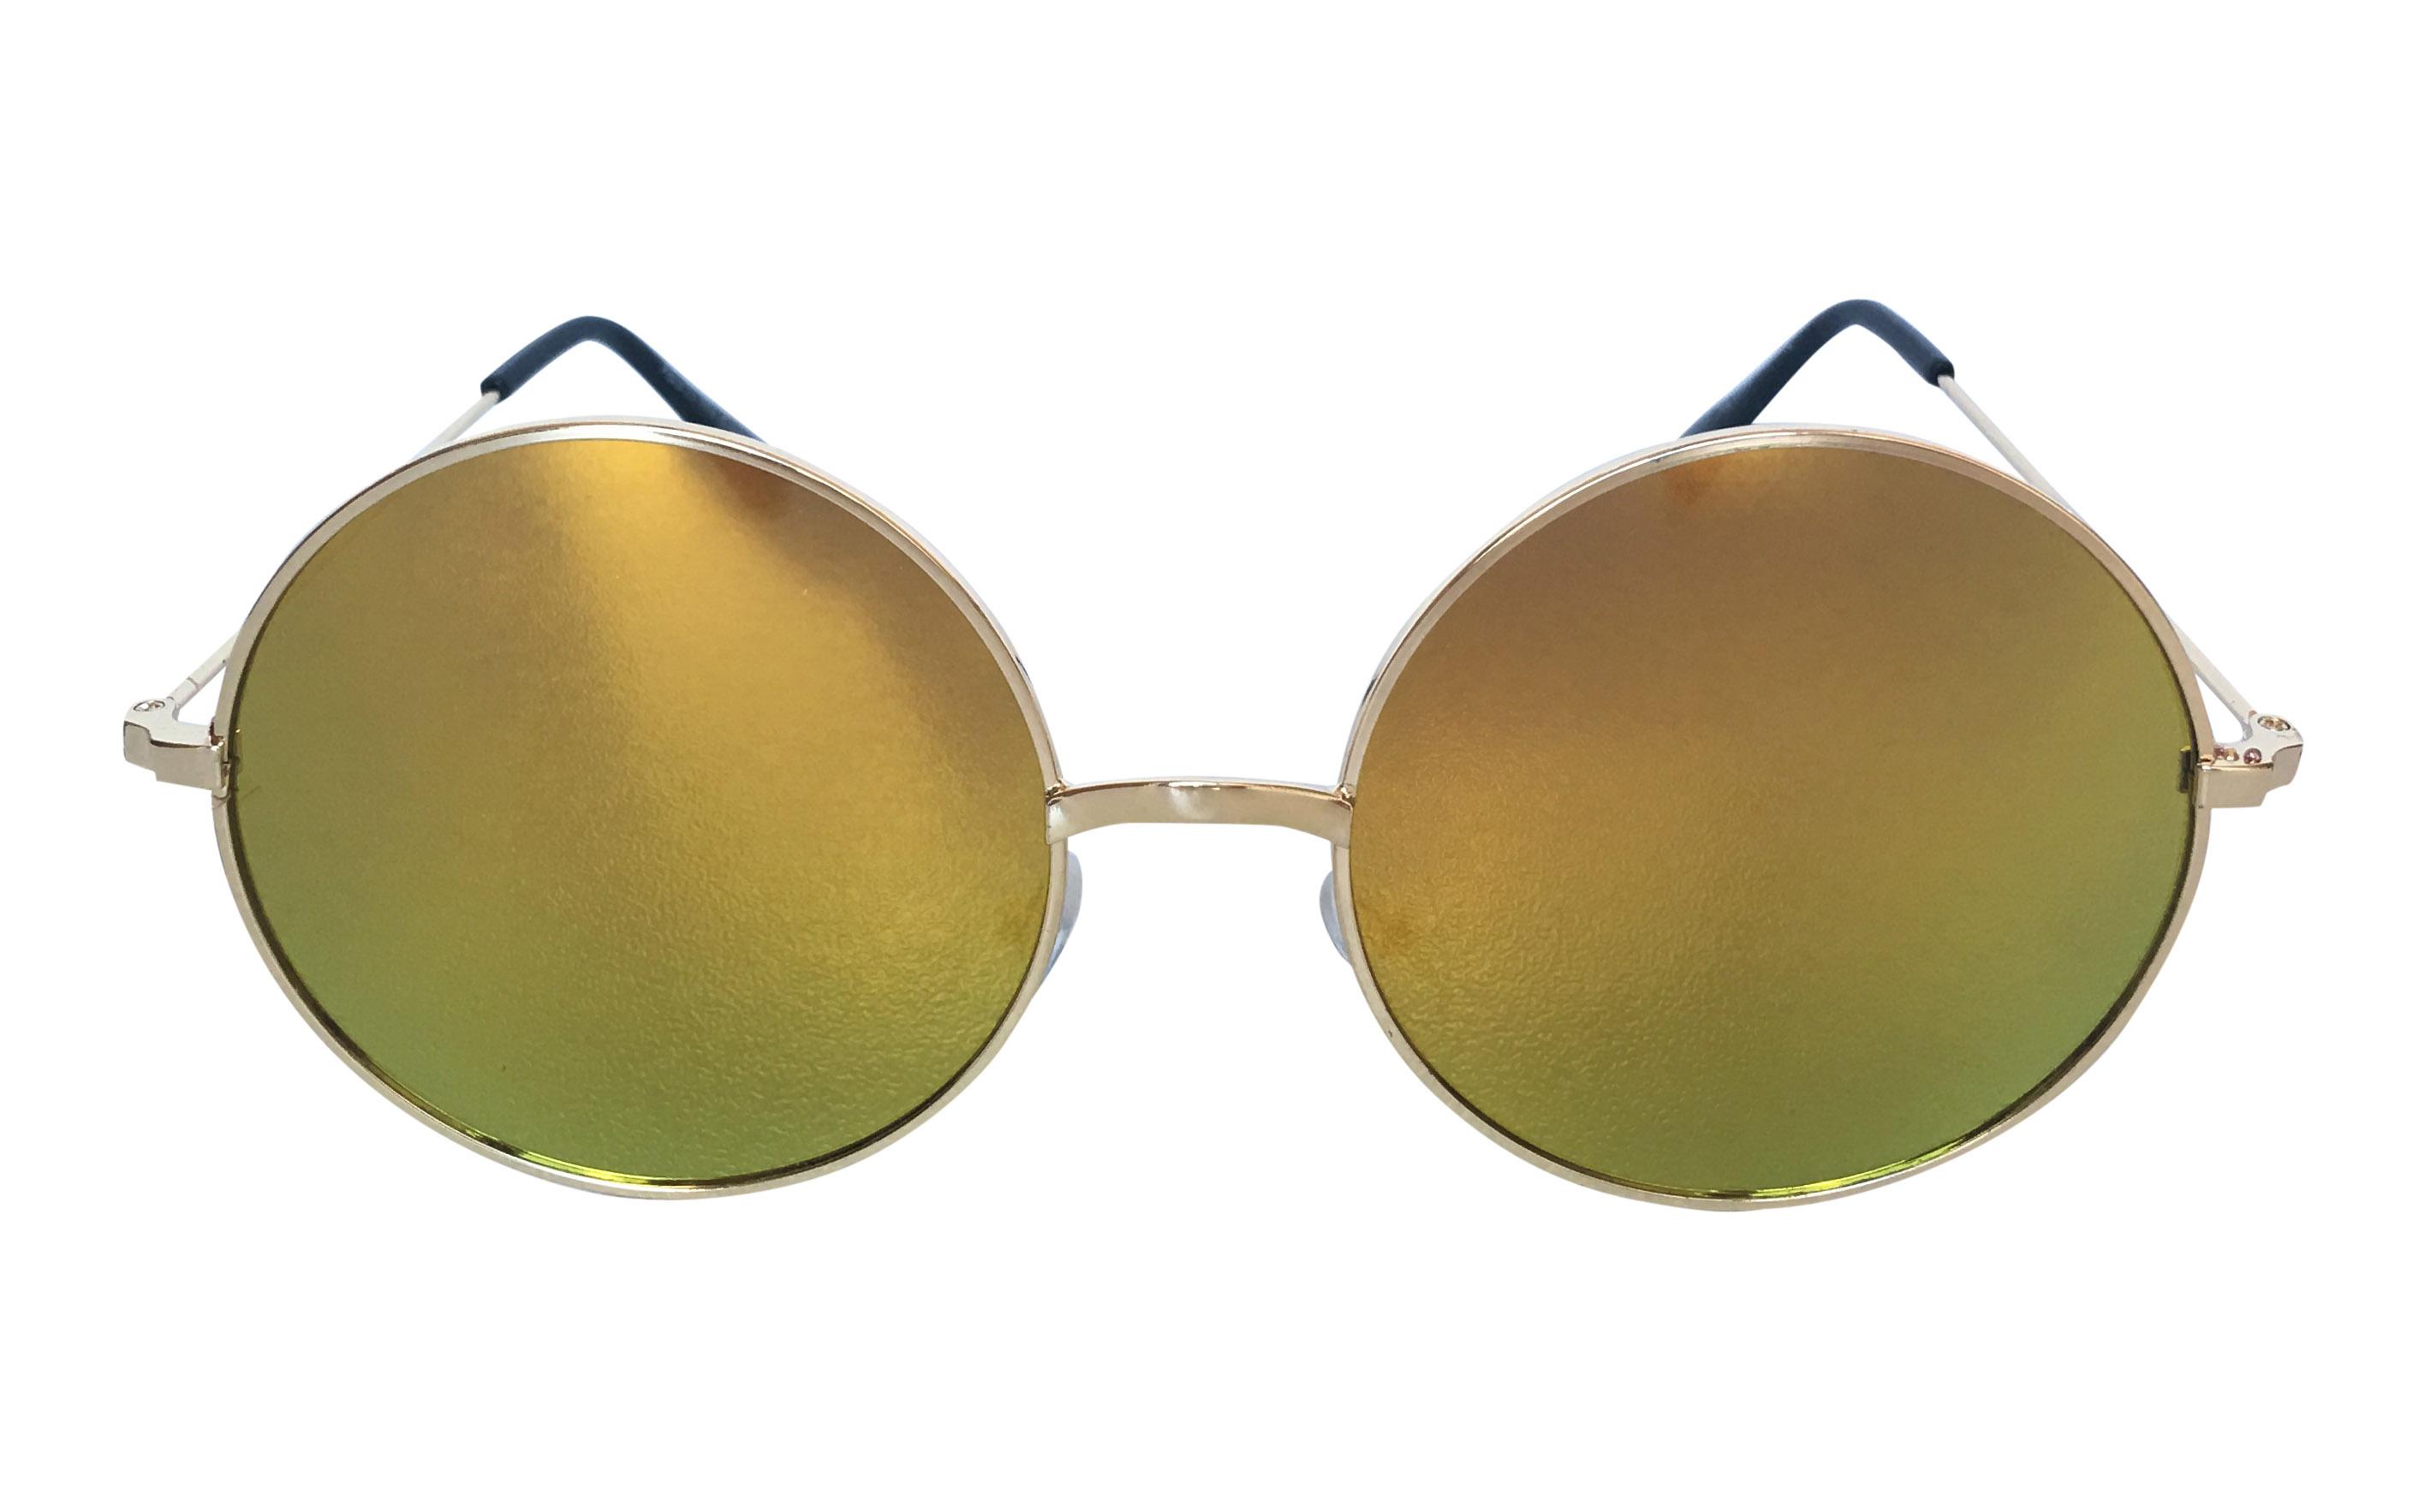 22fdefefe Runde /sirkel Solbriller i mange modeller, størrelser og former.